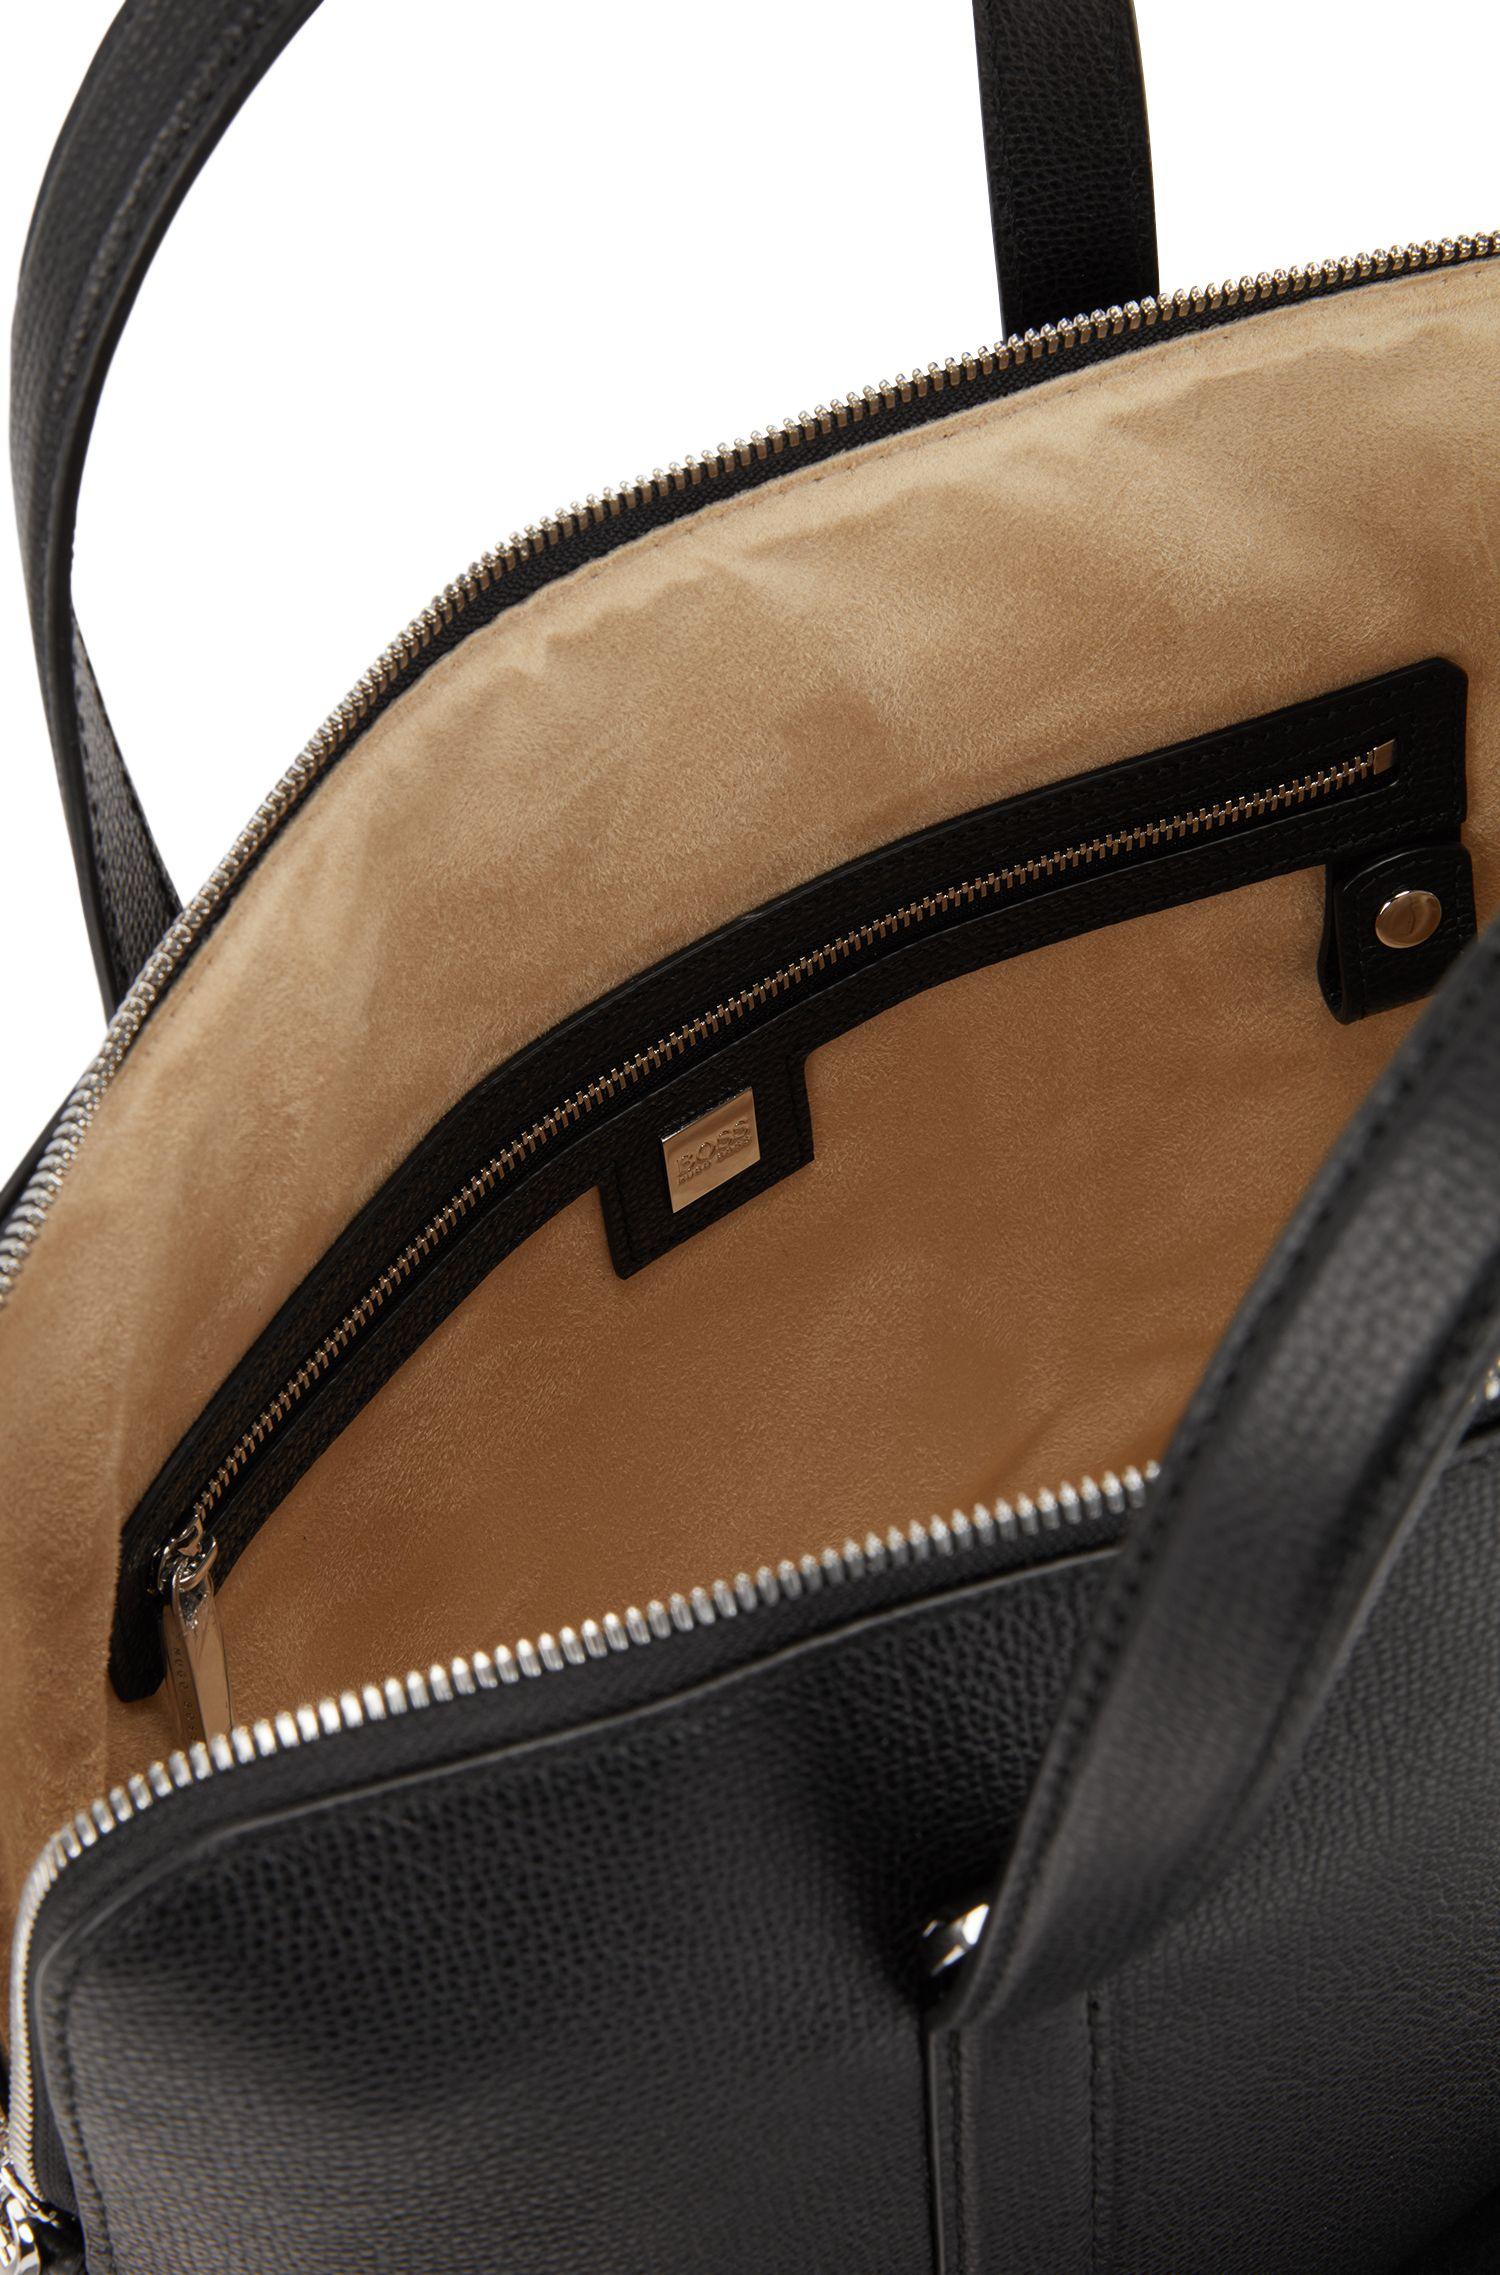 Valigetta stile borsa portatutto in pelle martellata realizzata in Italia, Nero